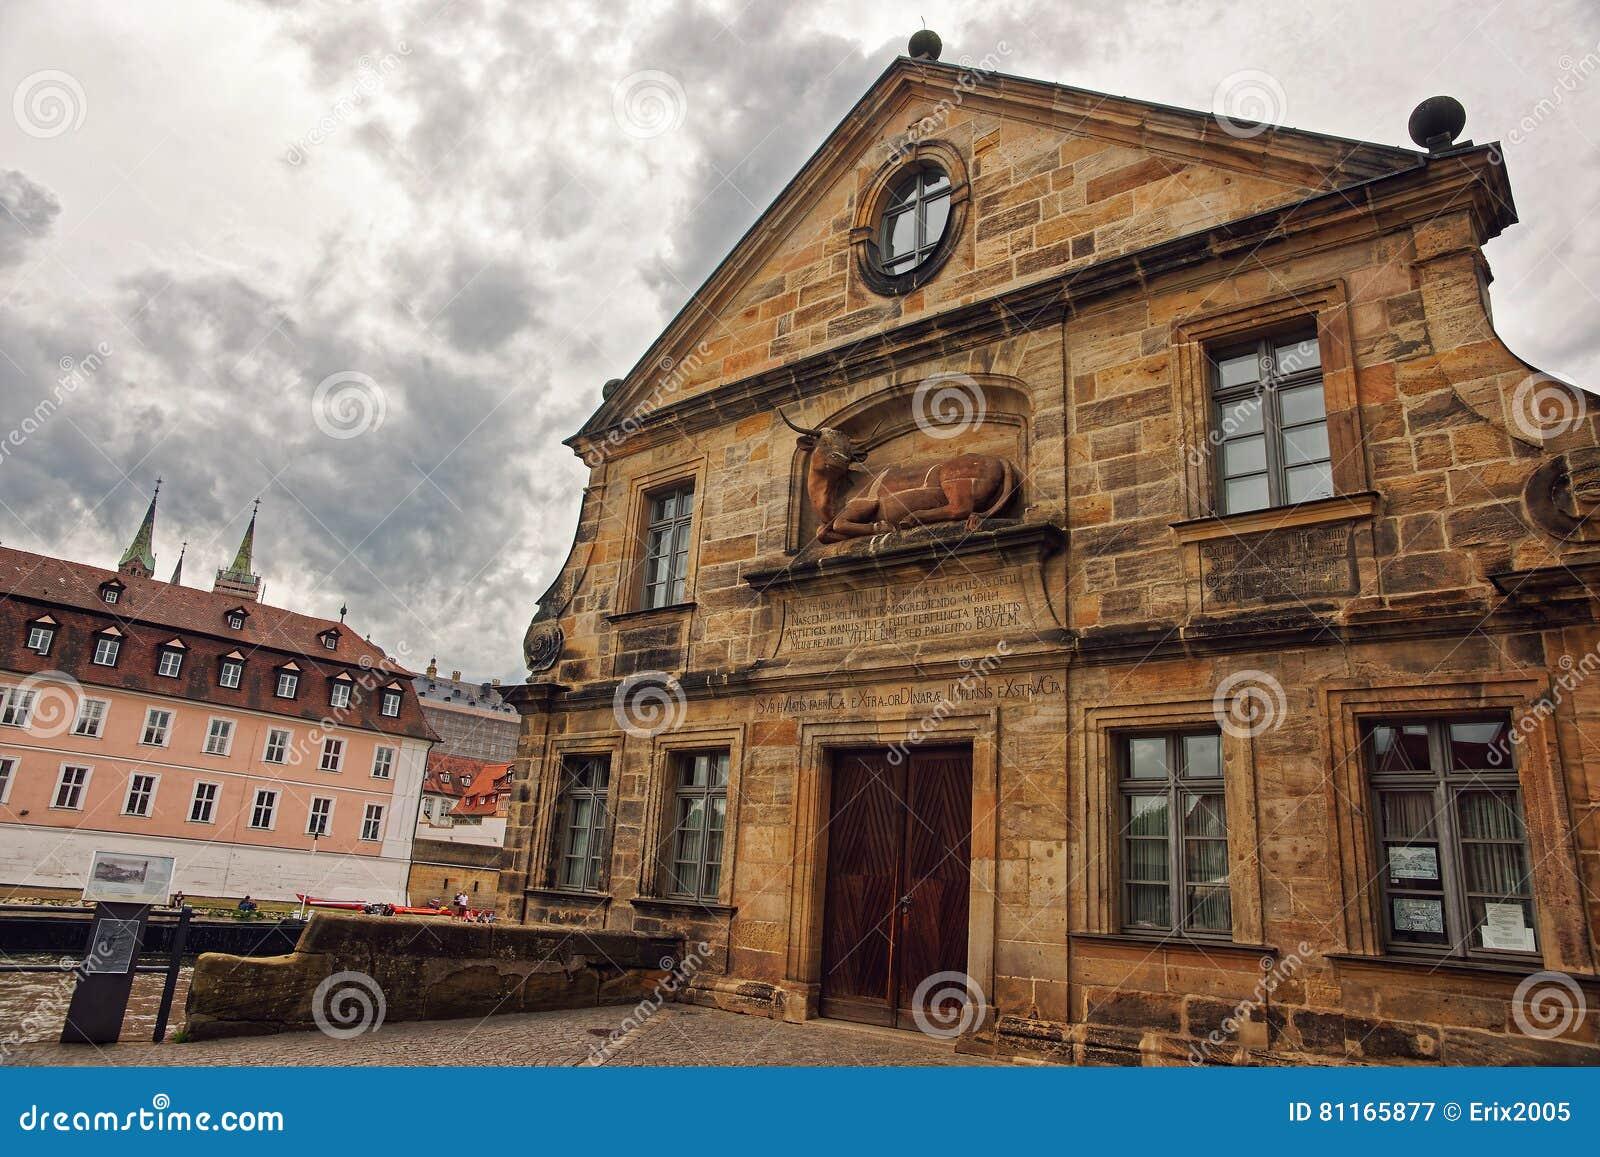 Former slaughter house in Bamberg Germany